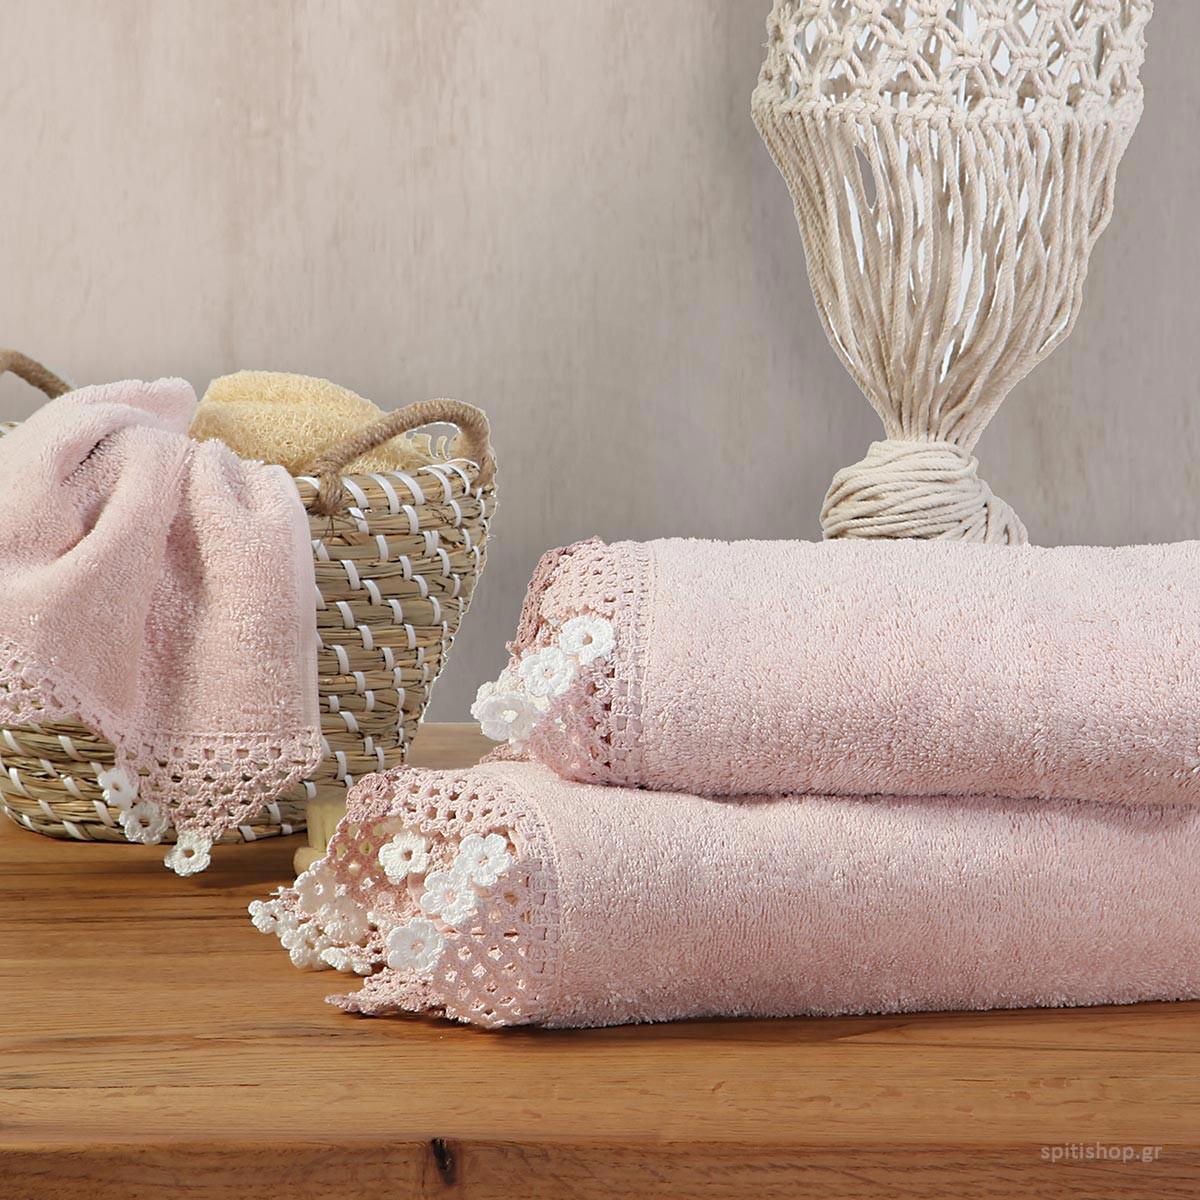 Πετσέτες Μπάνιου (Σετ 3τμχ) Nef-Nef Emilie